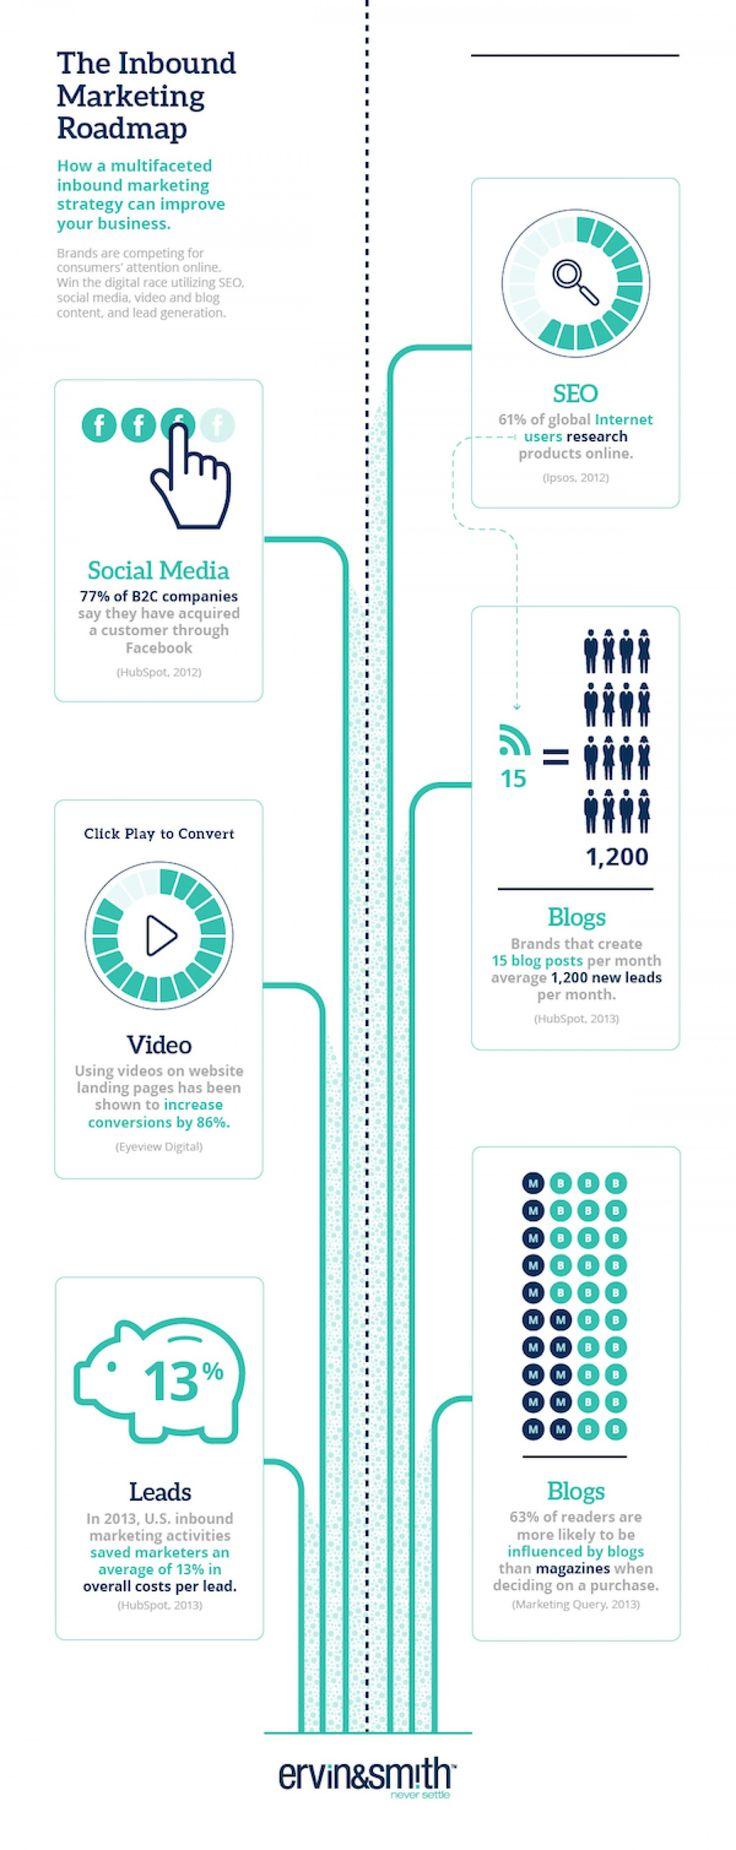 The Inbound Marketing Roadmap